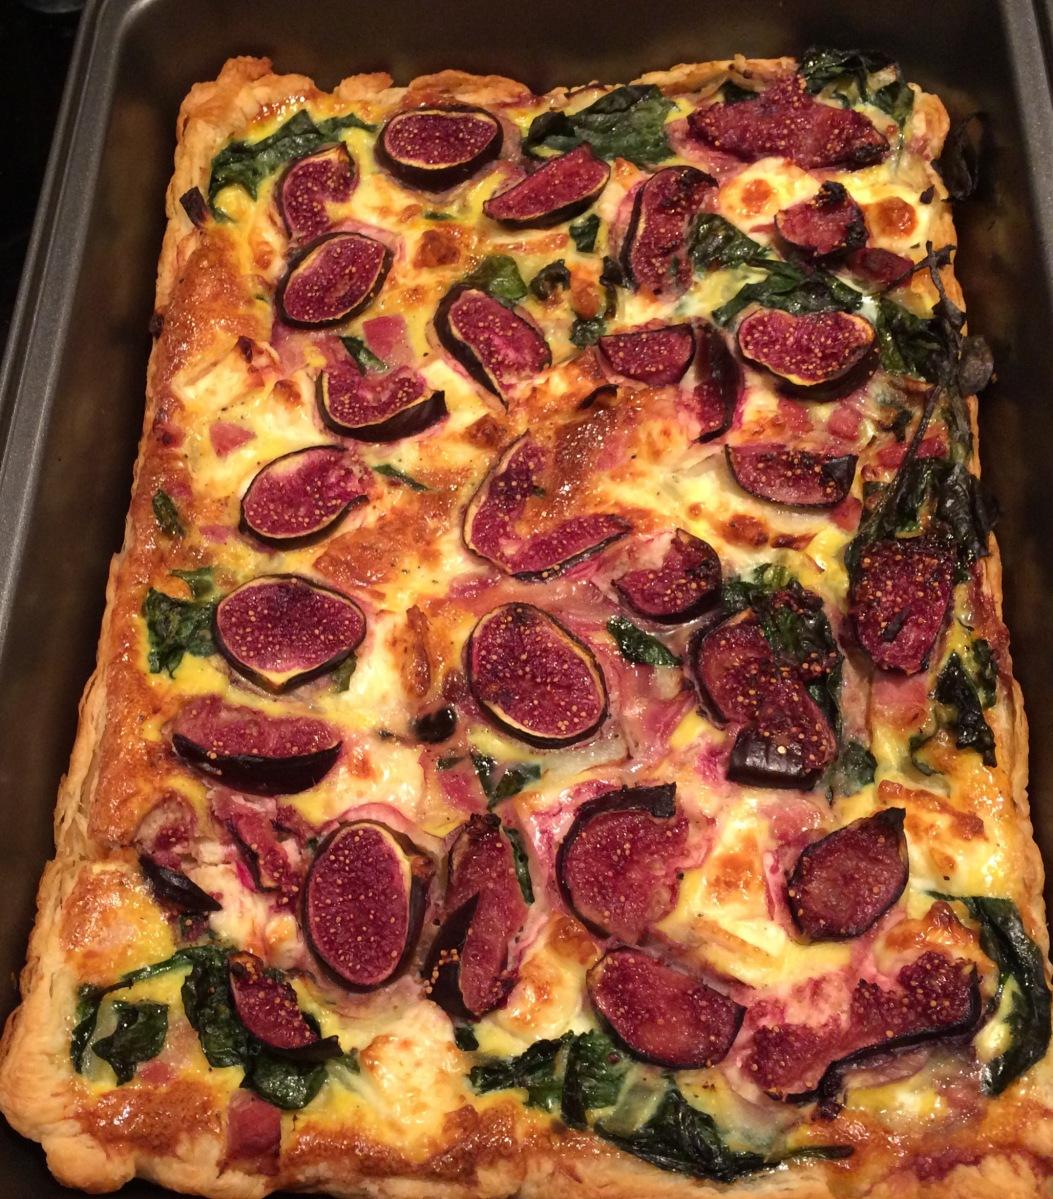 Savory Figs Tart - Tarta de Higos Salada